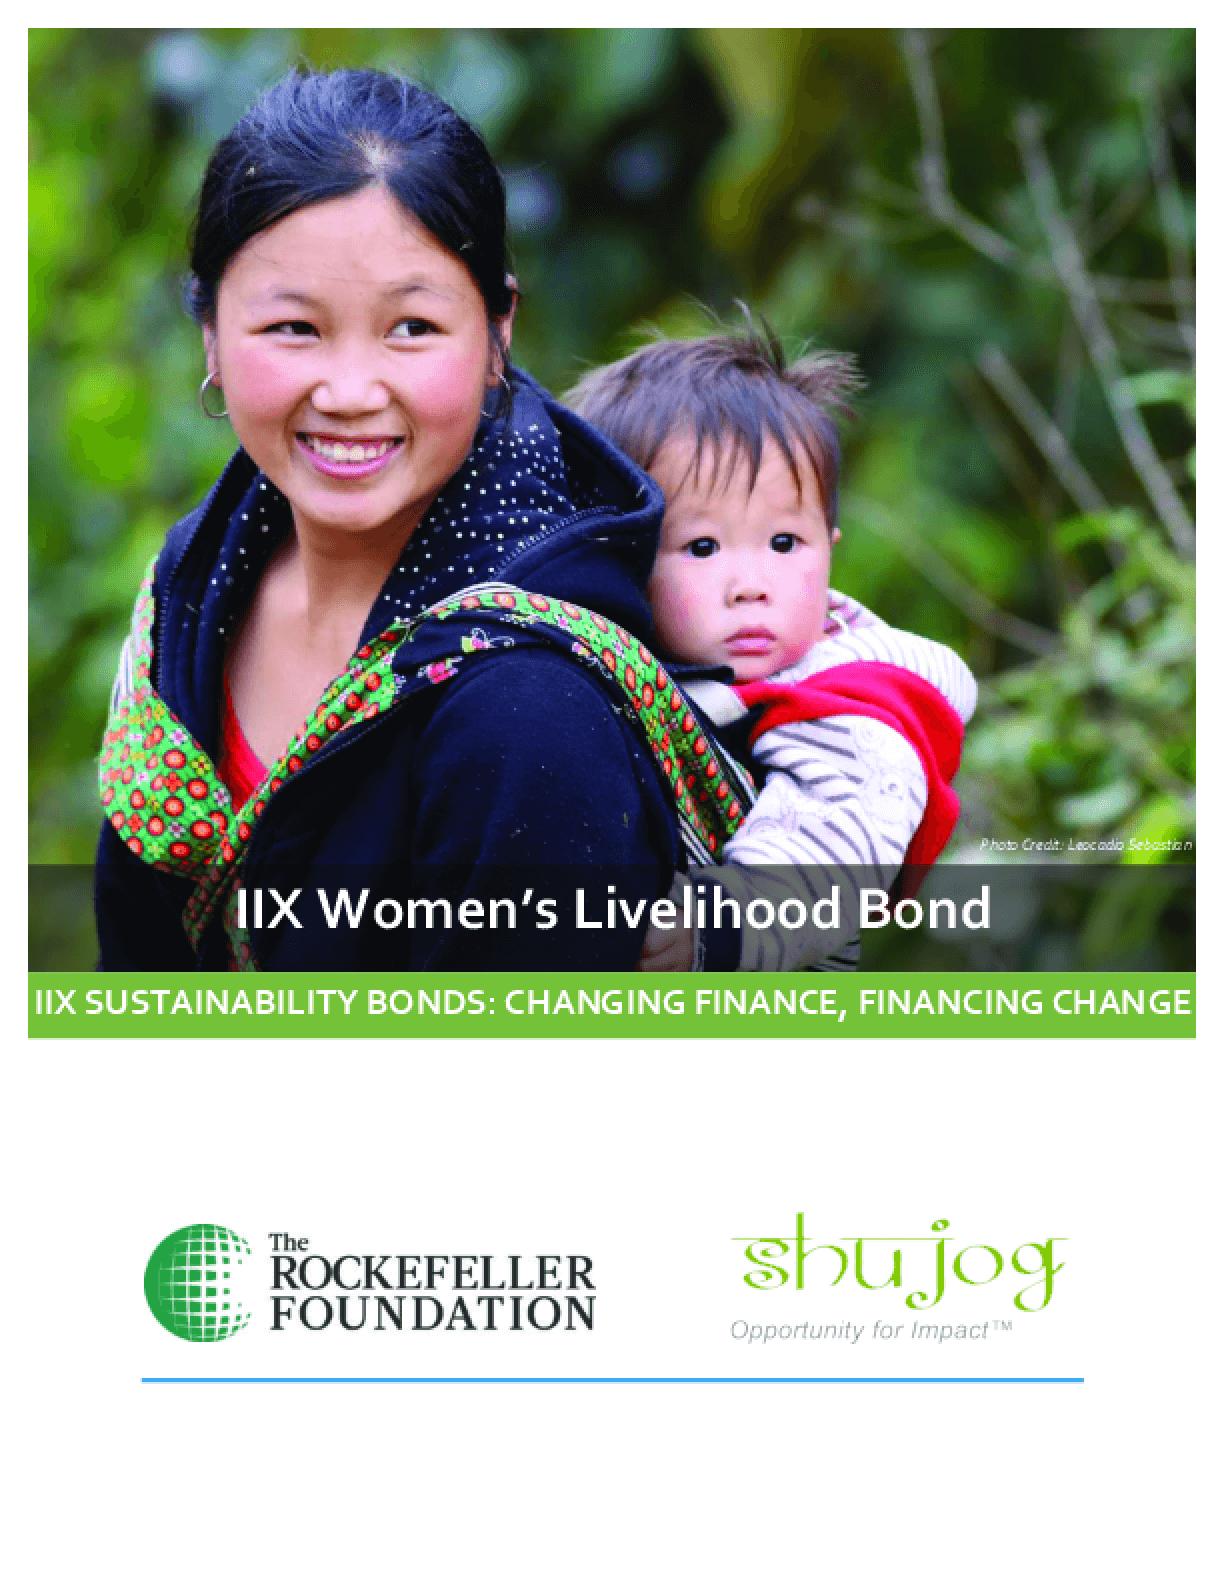 IIX Women's Livelihood Bond: IIX Sustainability Bonds: Changing Finance, Financing Change